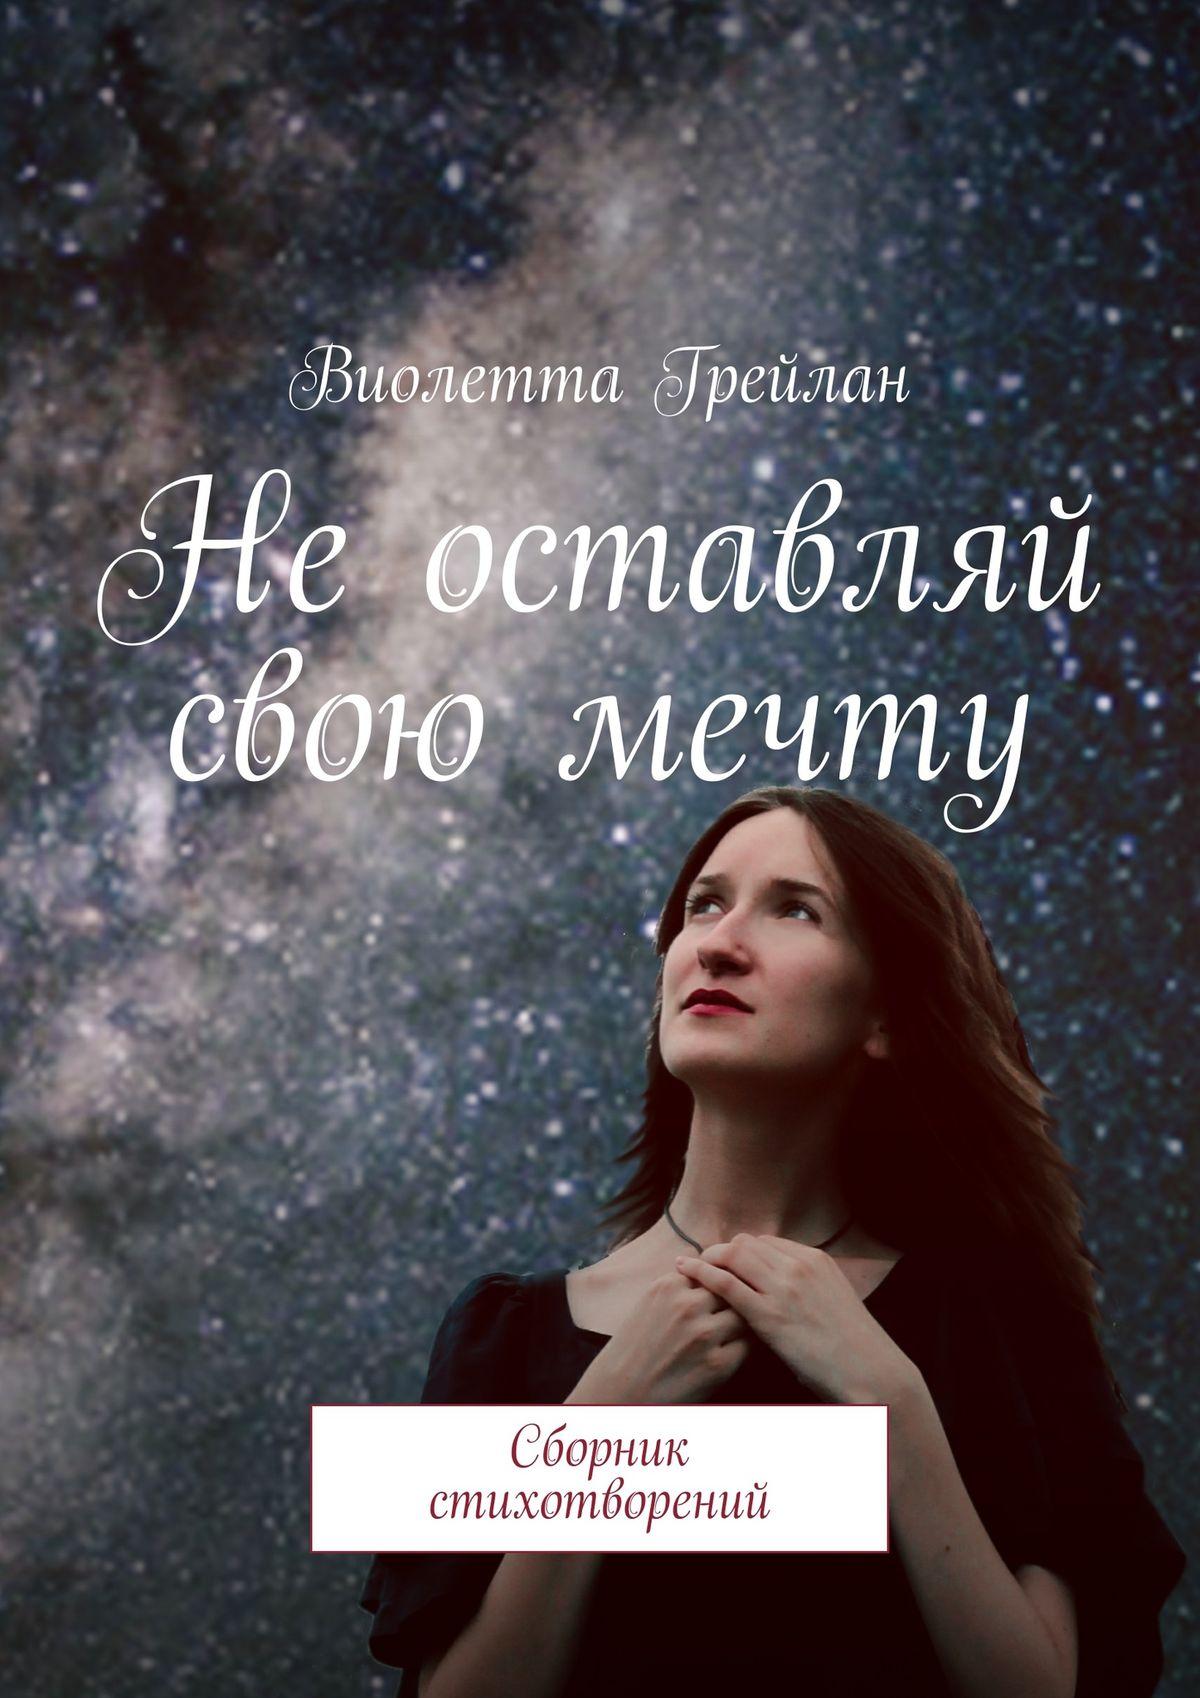 Виолетта Грейлан Неоставляй свою мечту. Сборник стихотворений романчук леся софия не оставляй роман